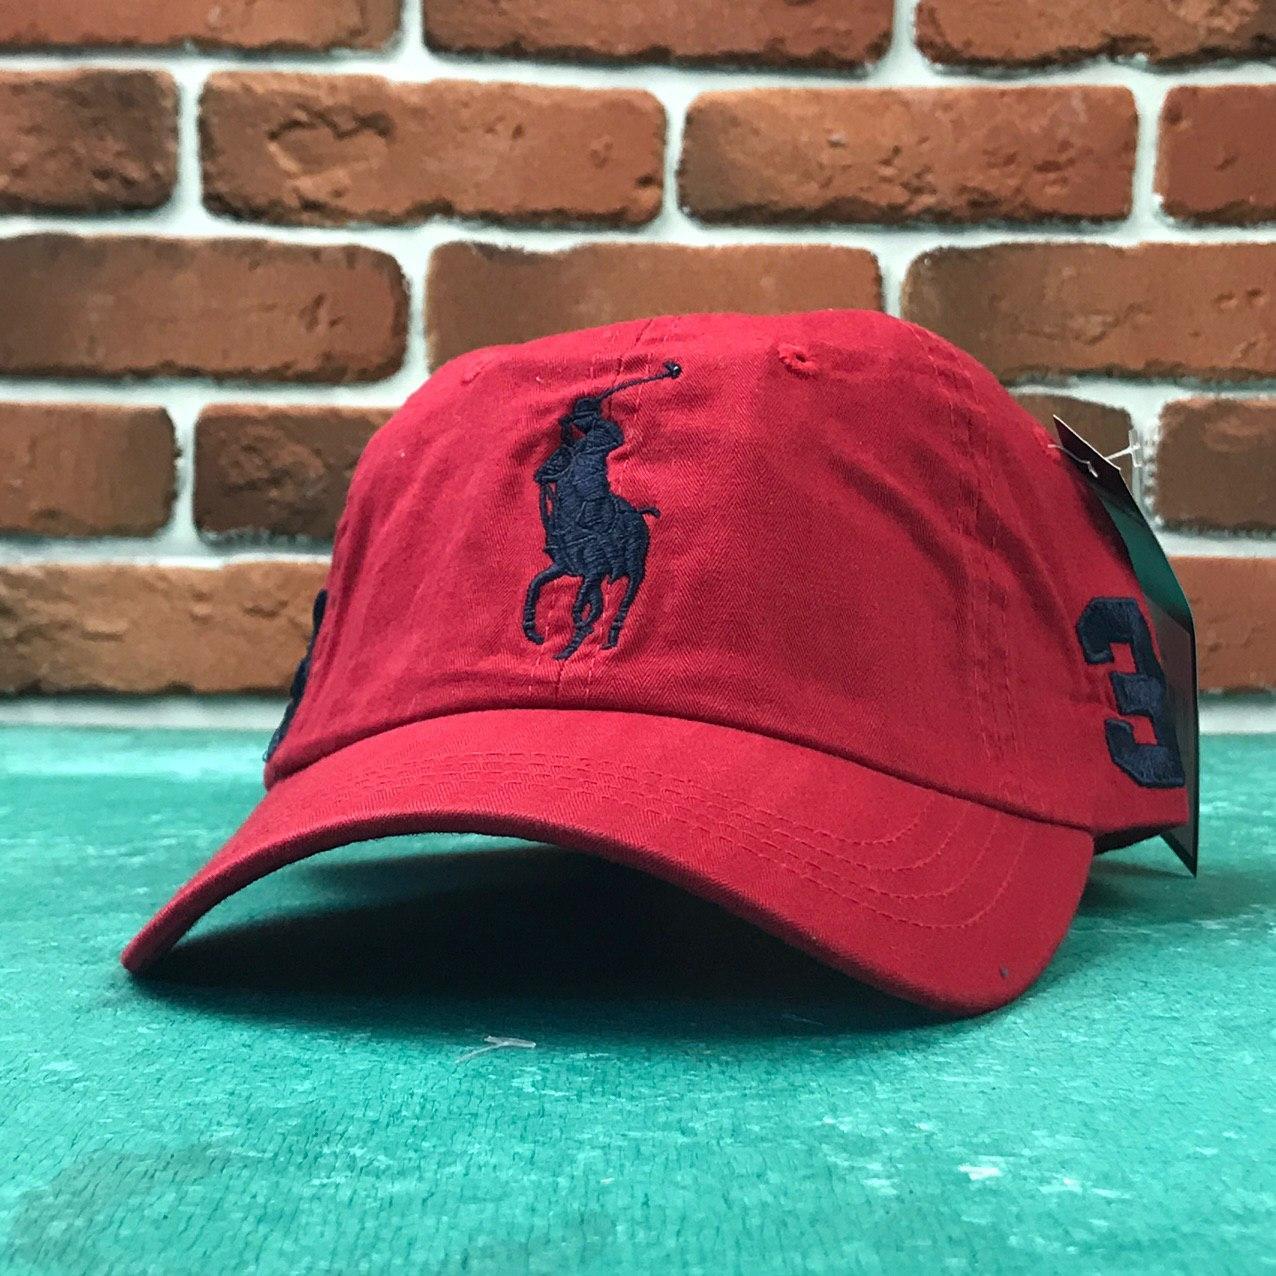 Кепка Бейсболка Мужская Женская Polo Ralph Lauren 3 с тканевым ремешком Красная с большим Синим лого